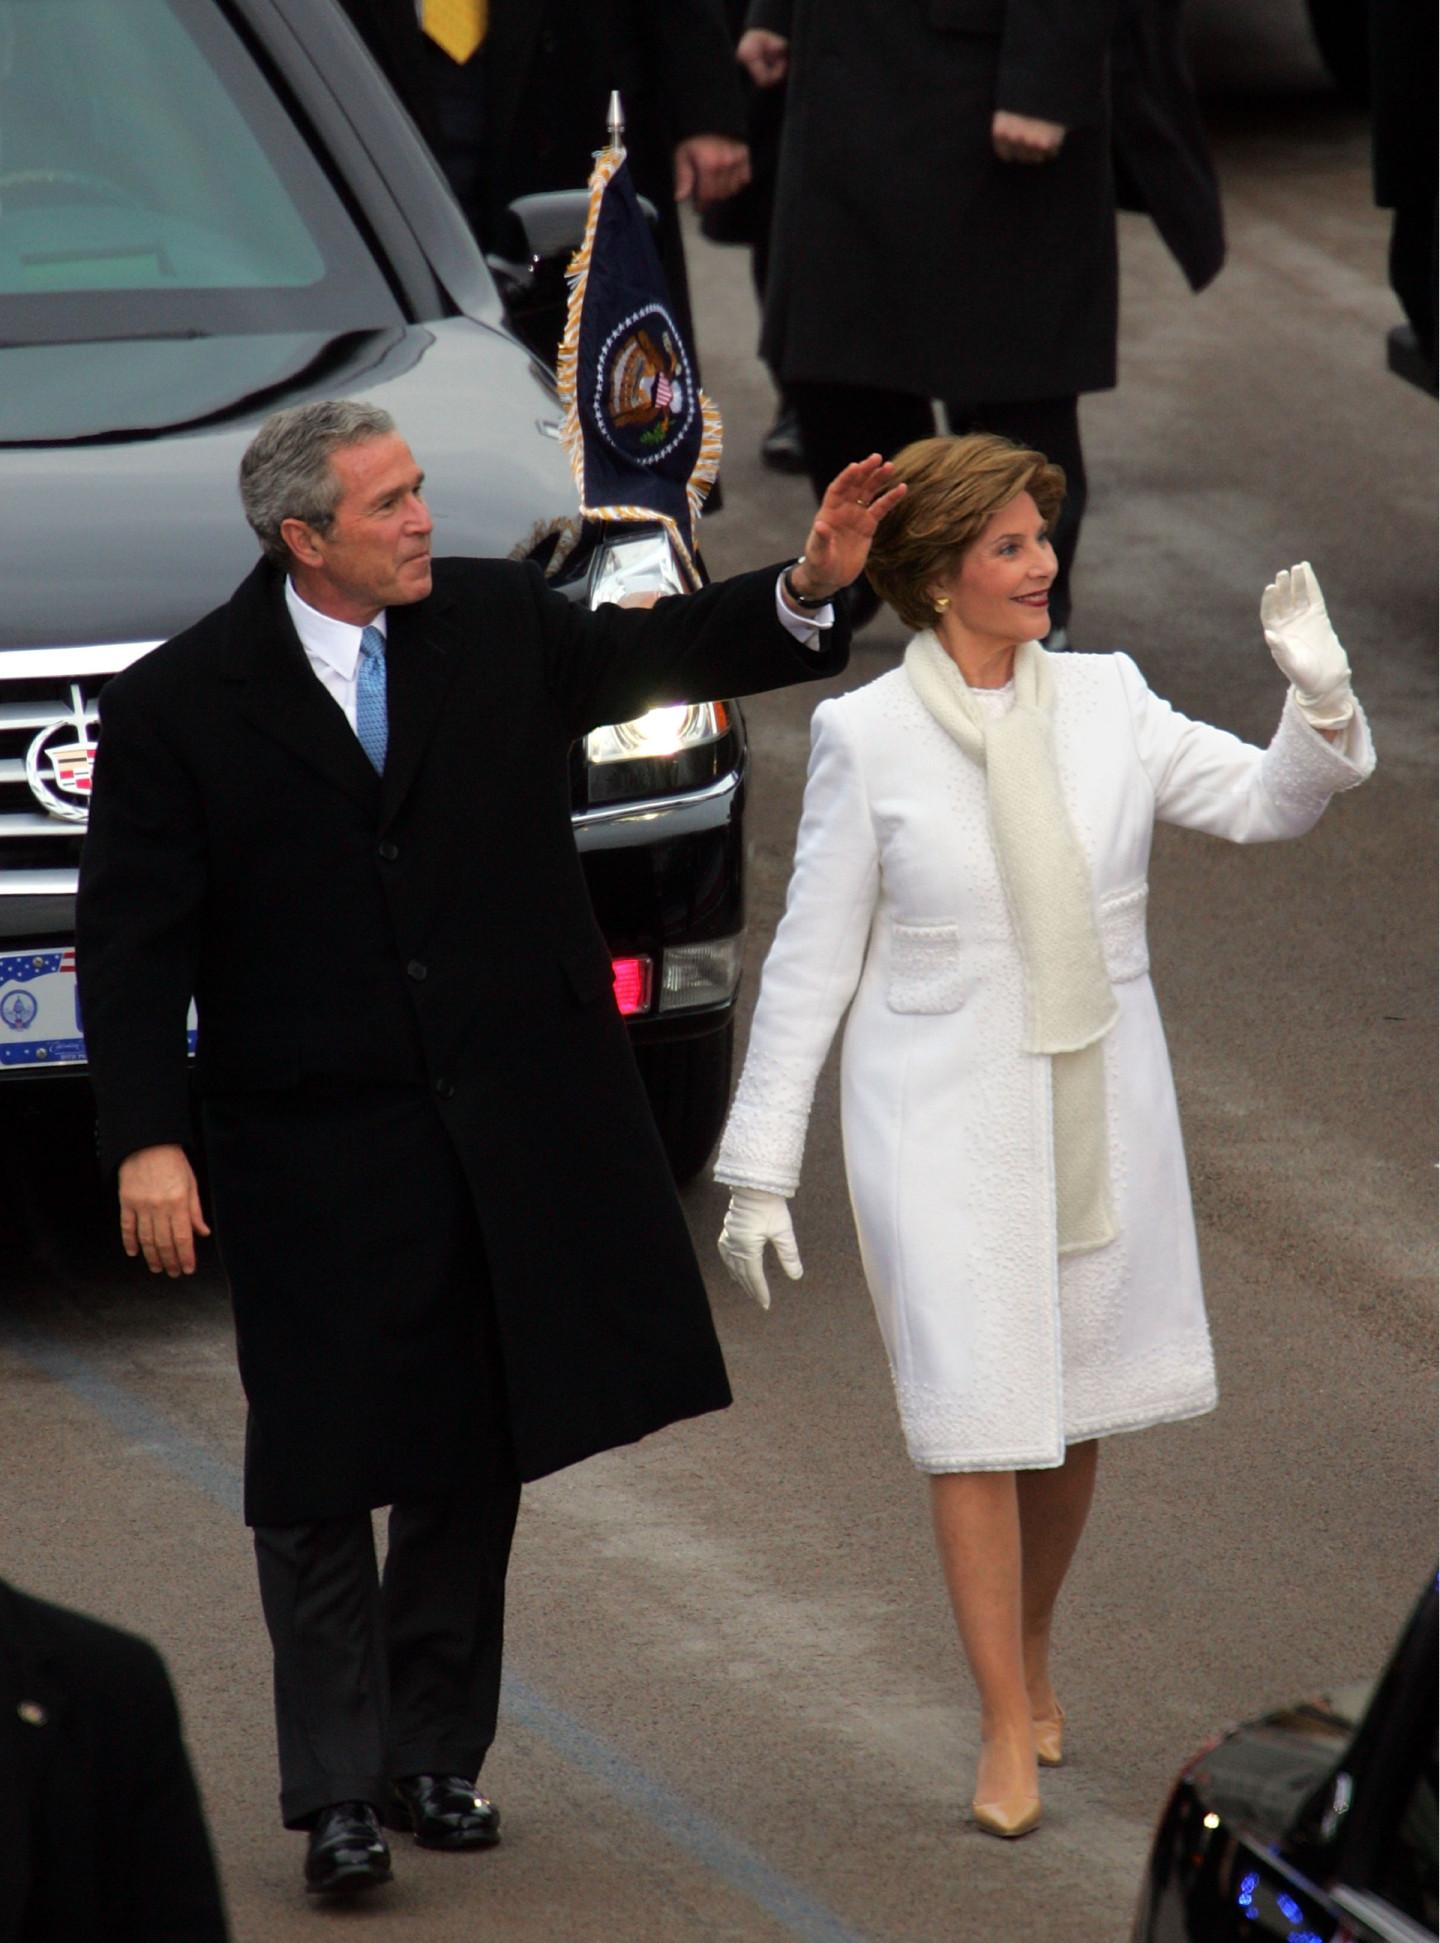 Джордж Буш и Лора Буш в пальто Oscar de la Renta, инаугурационный парад, 2005 год